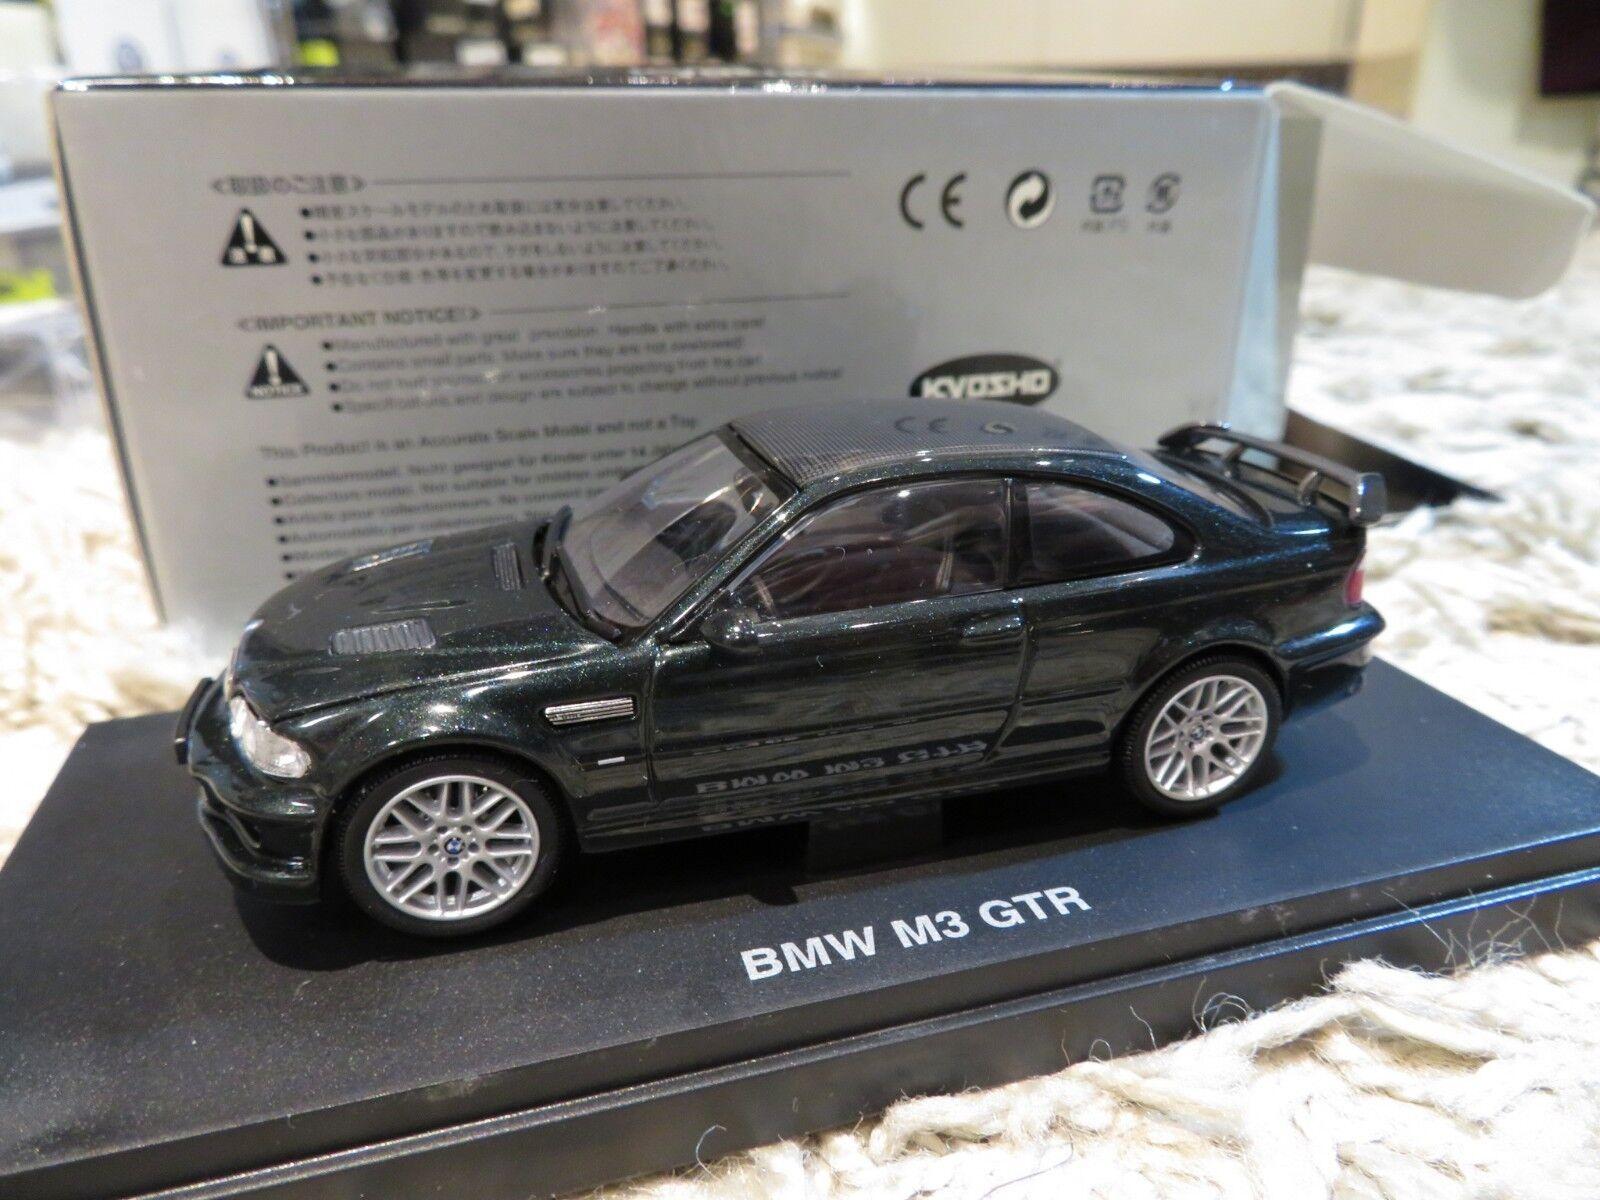 1 43 Kyosho BMW M3 GTR diecast